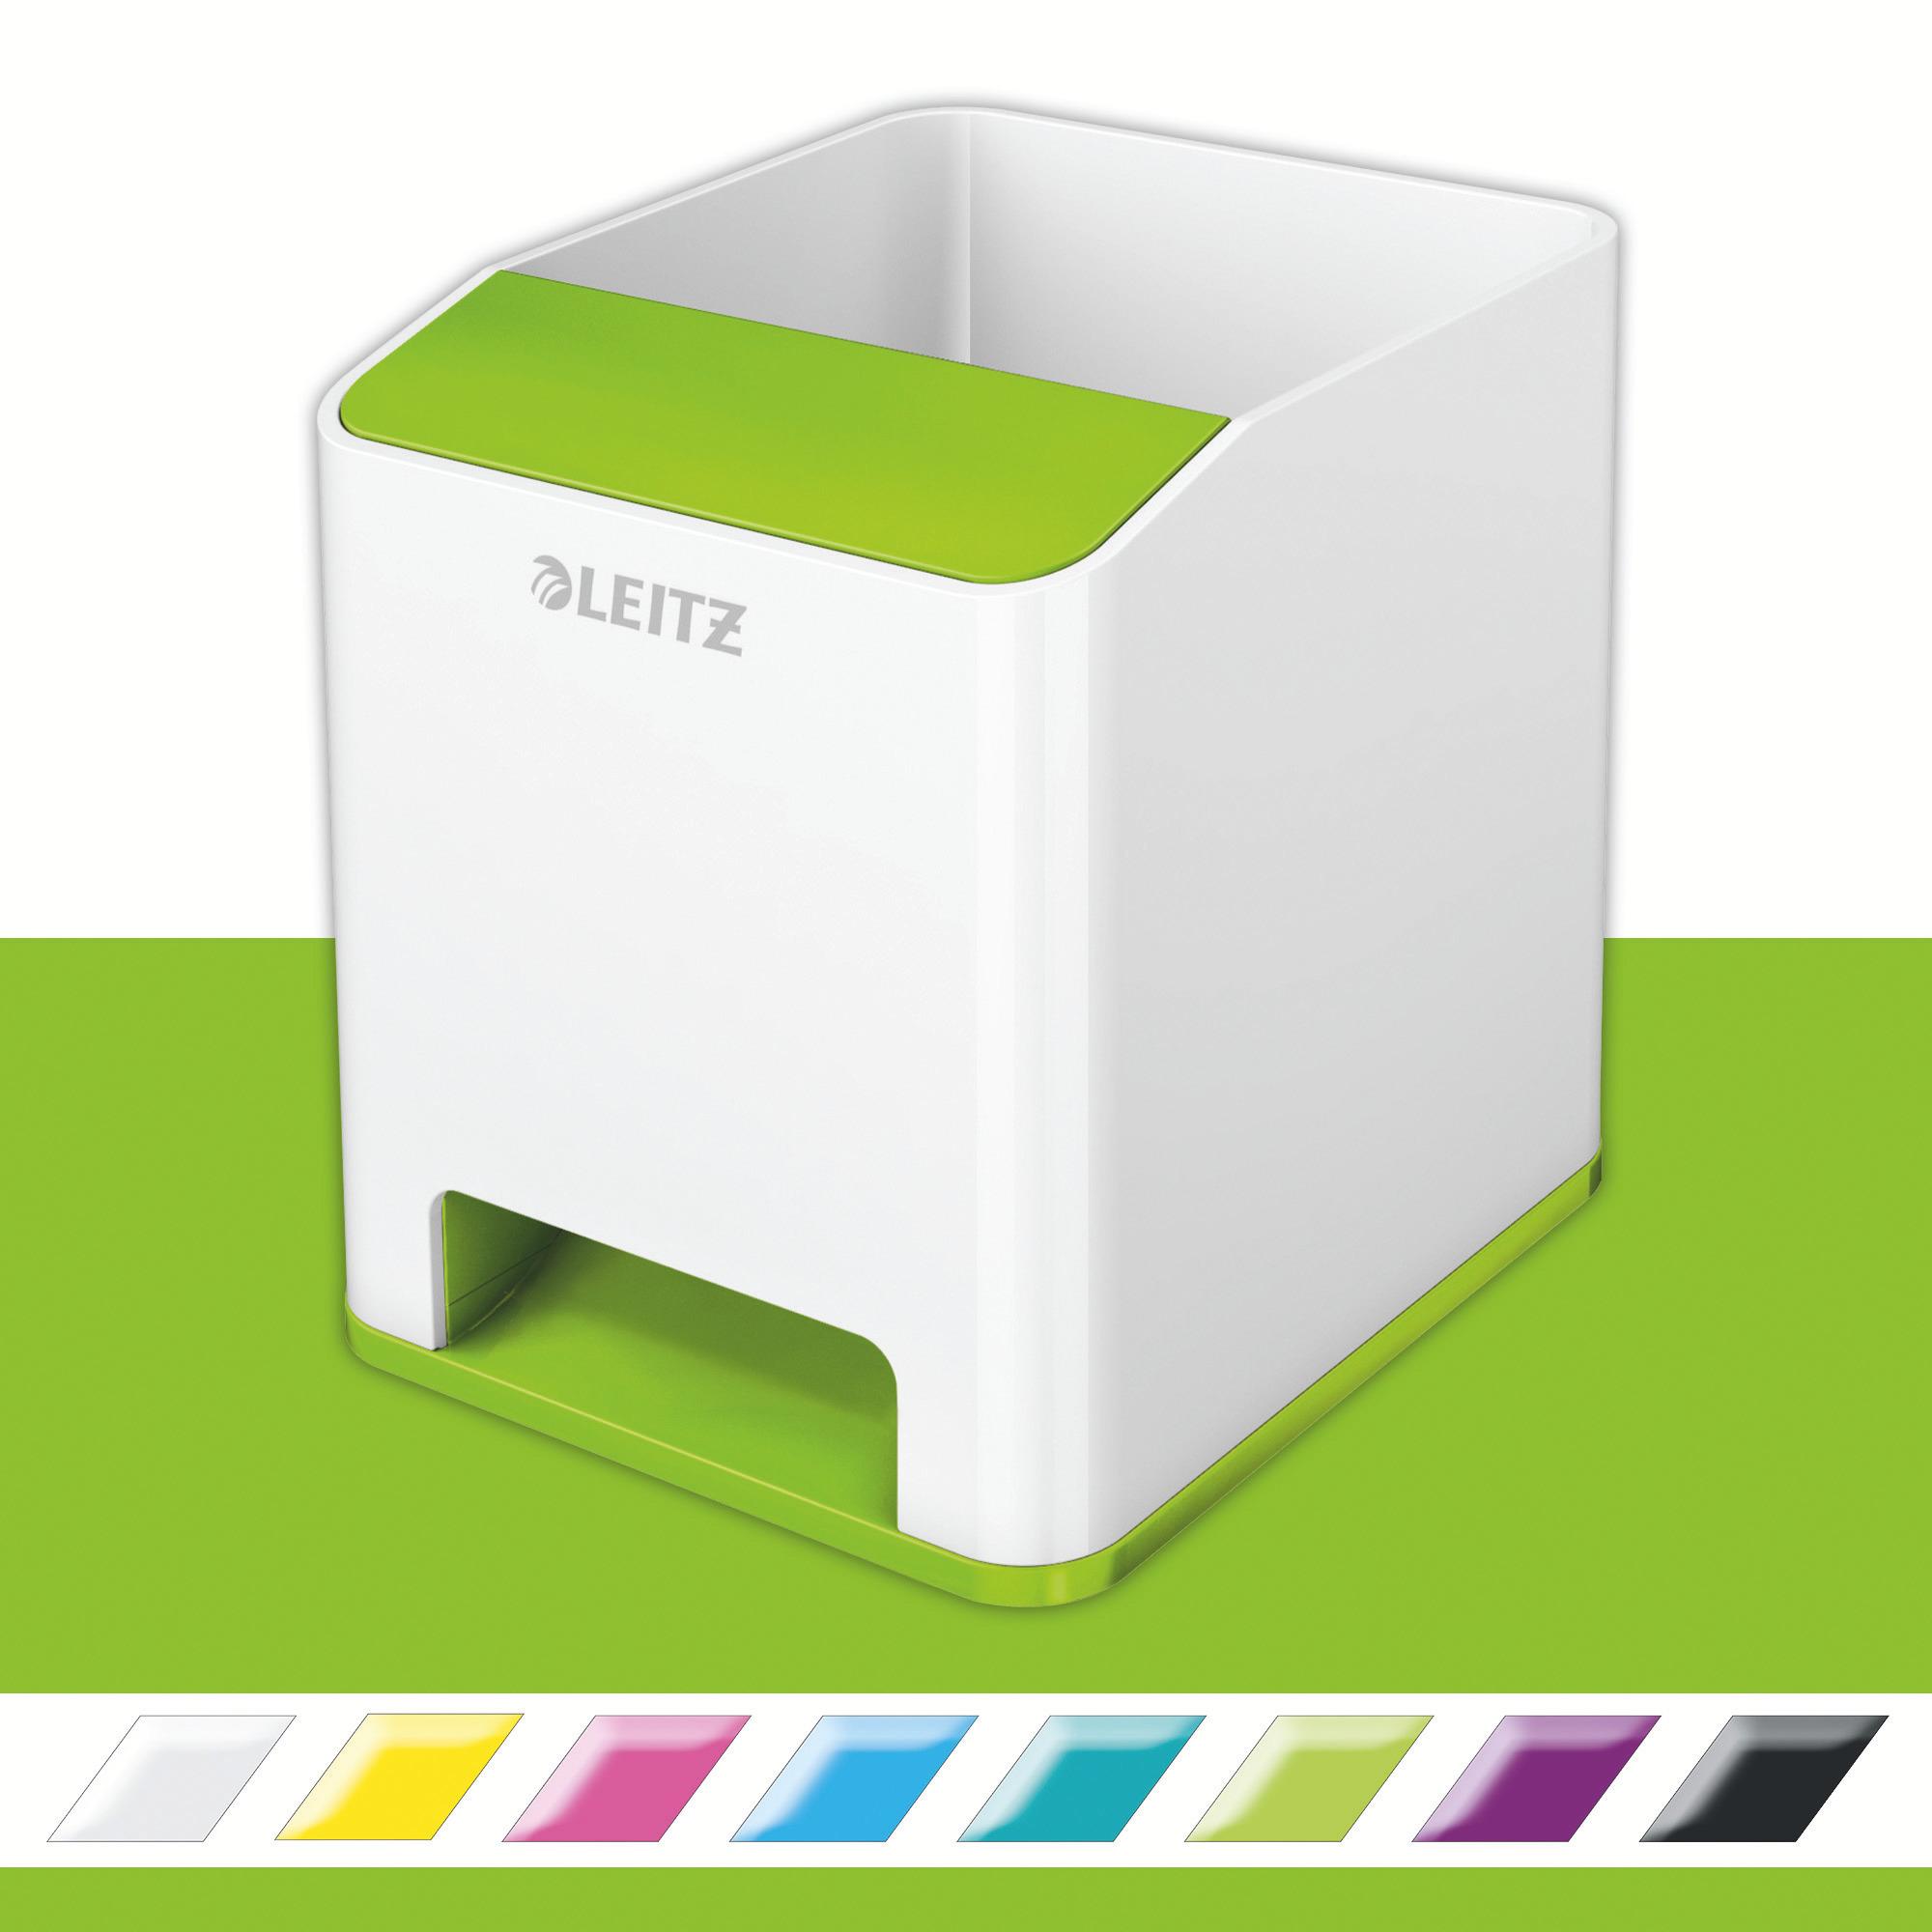 Подставка для ручек и смартфона WOW пластиковая, квадратная, зелен. LEITZ - фото 2